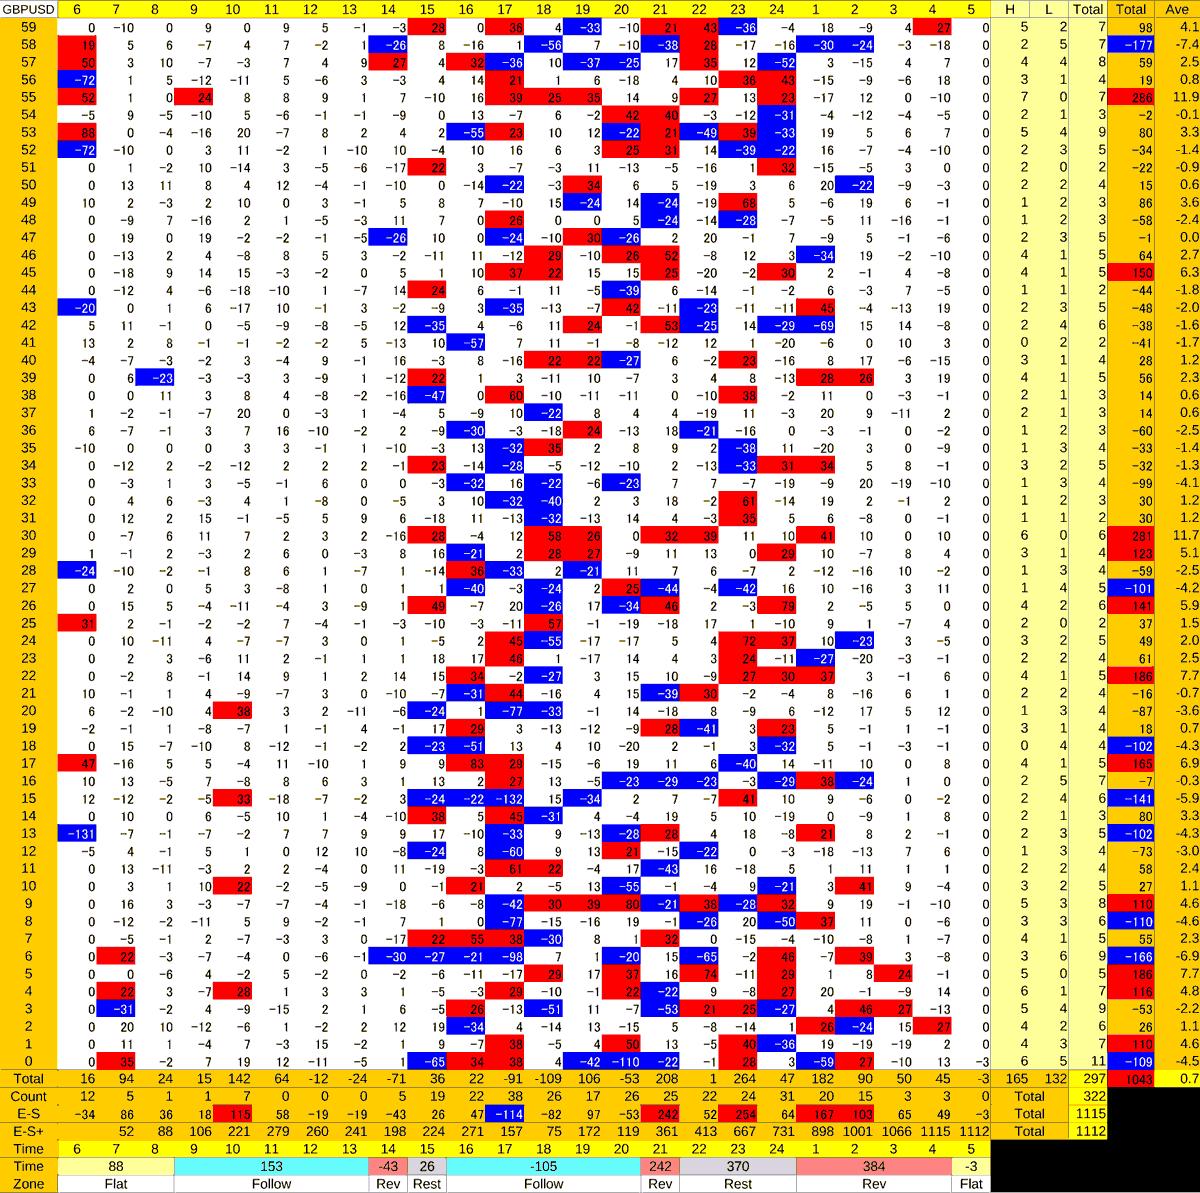 20201009_HS(2)GBPUSD